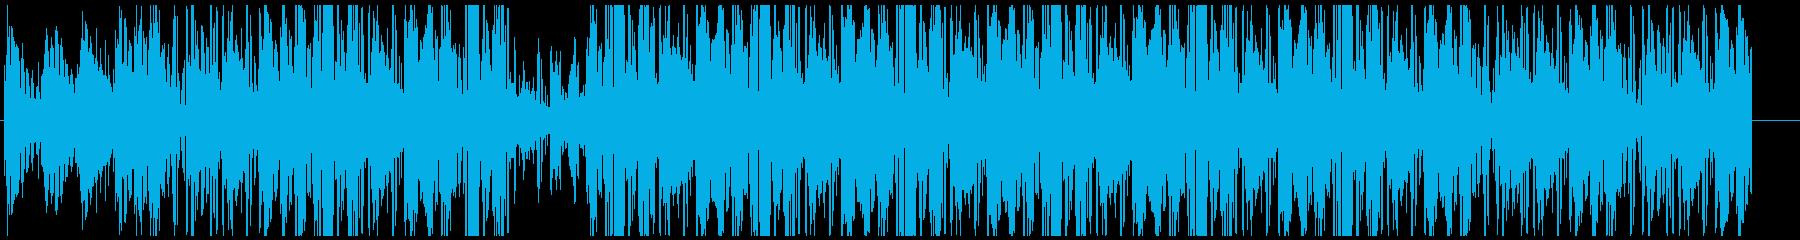 モーニングルーティーン/チルhiphopの再生済みの波形